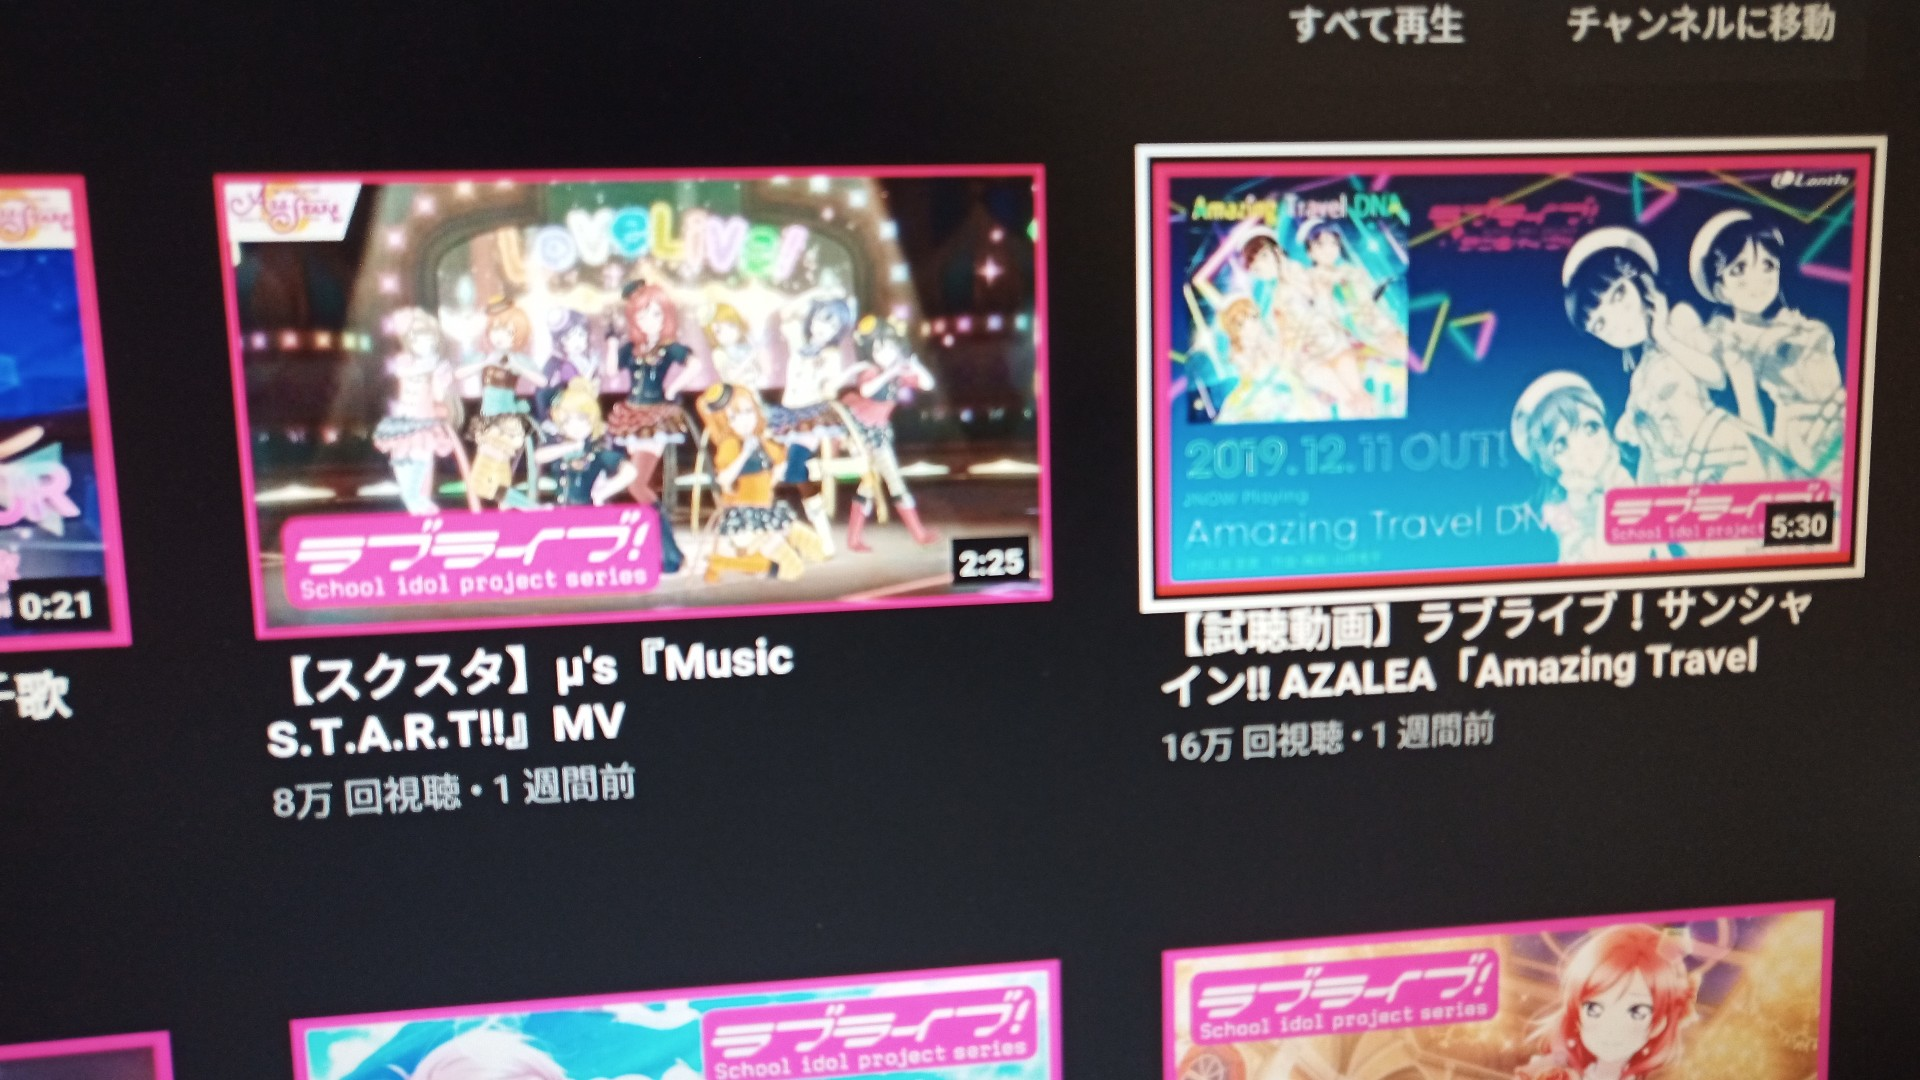 1 12 - 【ラブライブ!】C97虹ヶ咲学園スクールアイドル同好会シールラリー企画のお知らせ